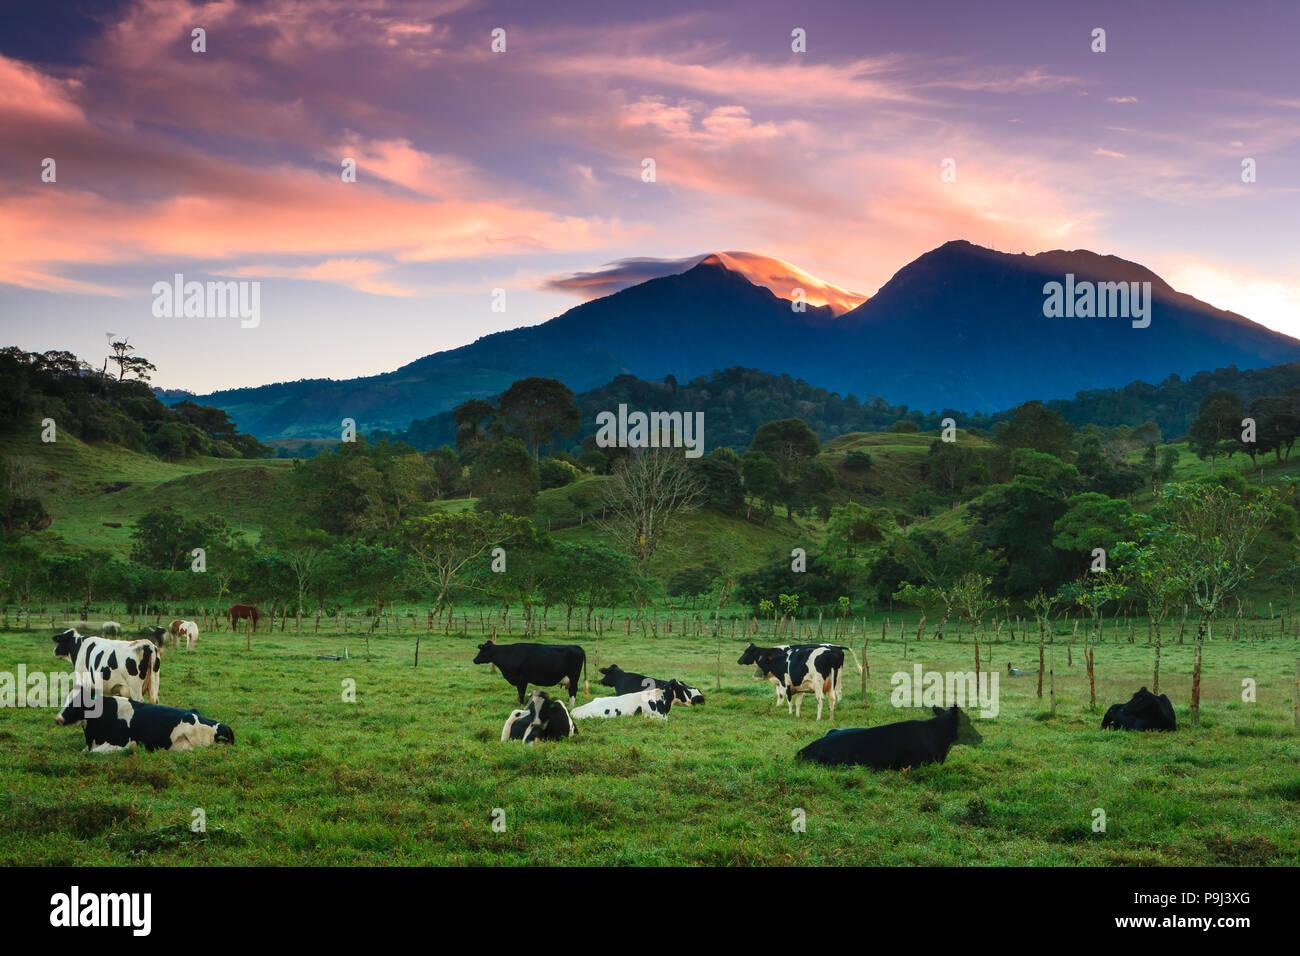 El ganado al amanecer, cerca de la ciudad de Volcán, provincia de Chiriquí, República de Panamá. Volcán Barú, a 3475 m, es en el fondo. Foto de stock